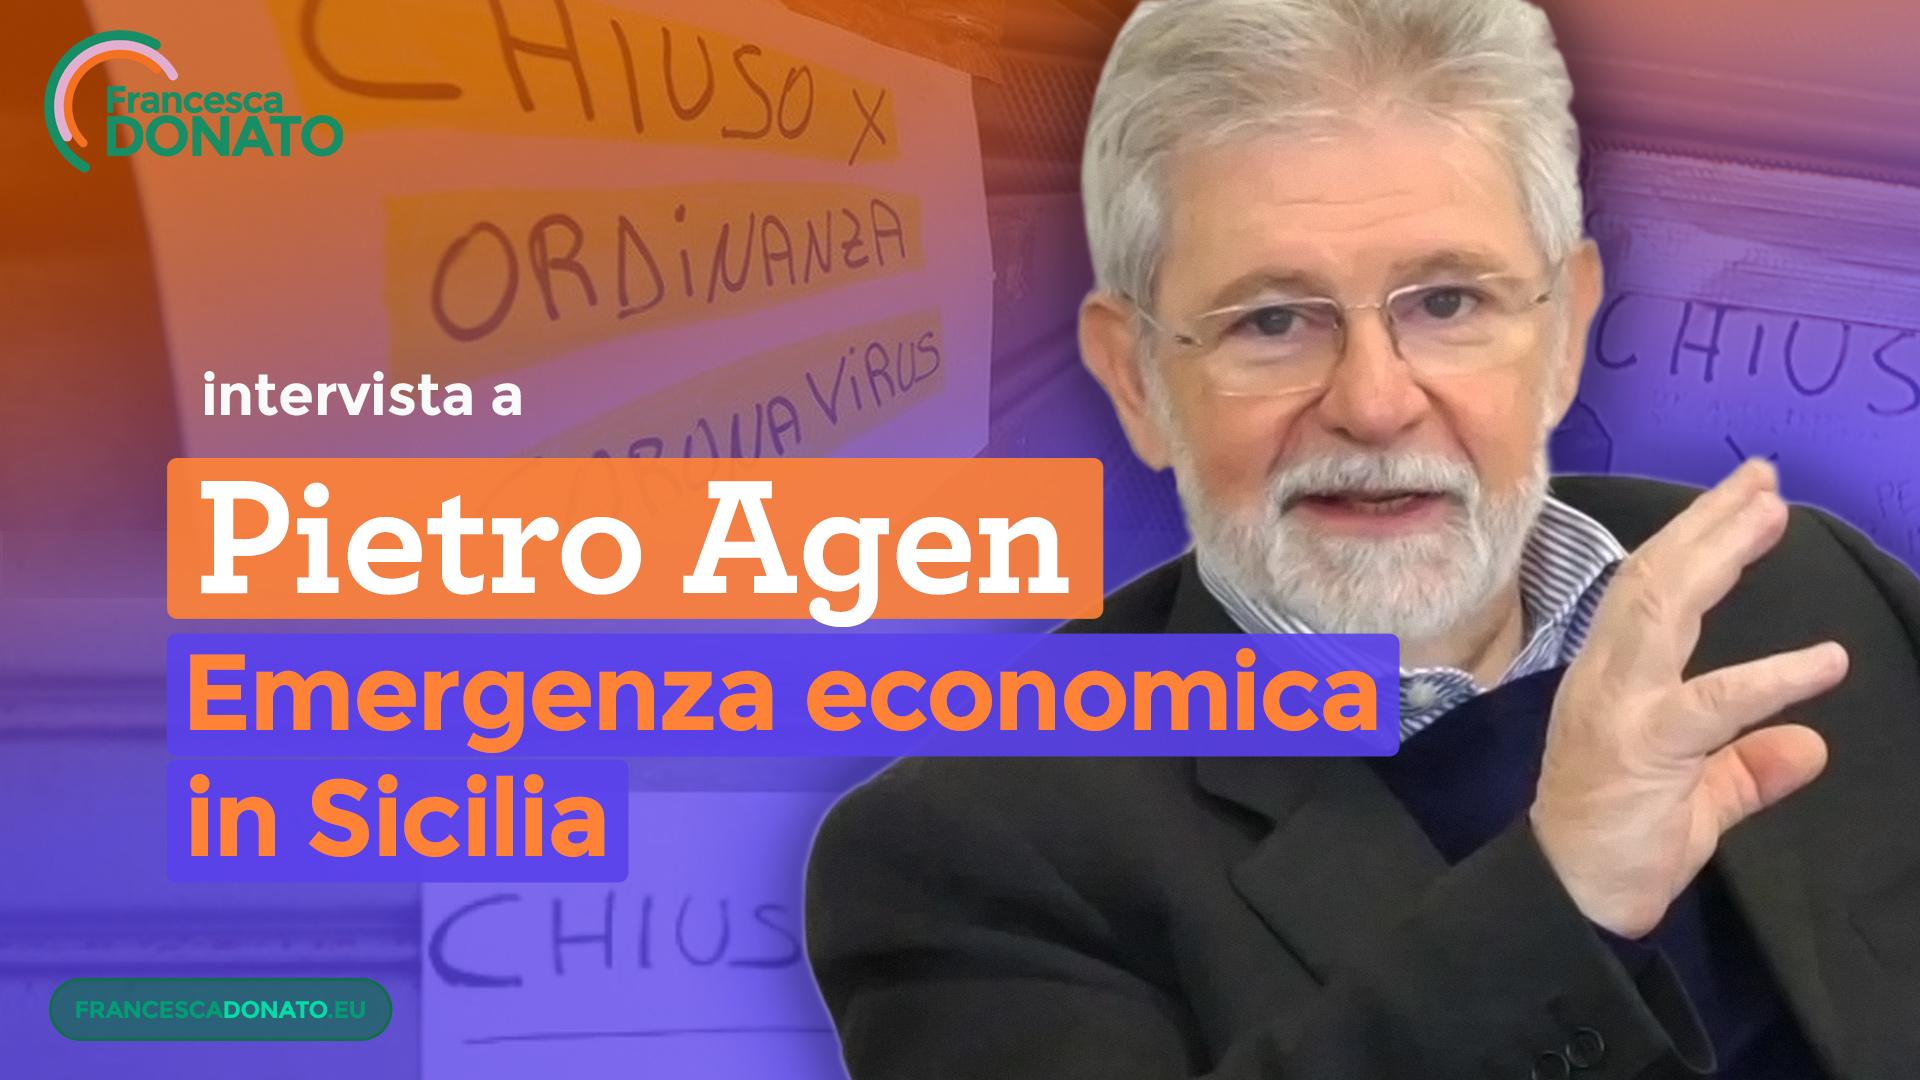 Intervista a Pietro Agen - Emergenza economica in Sicilia